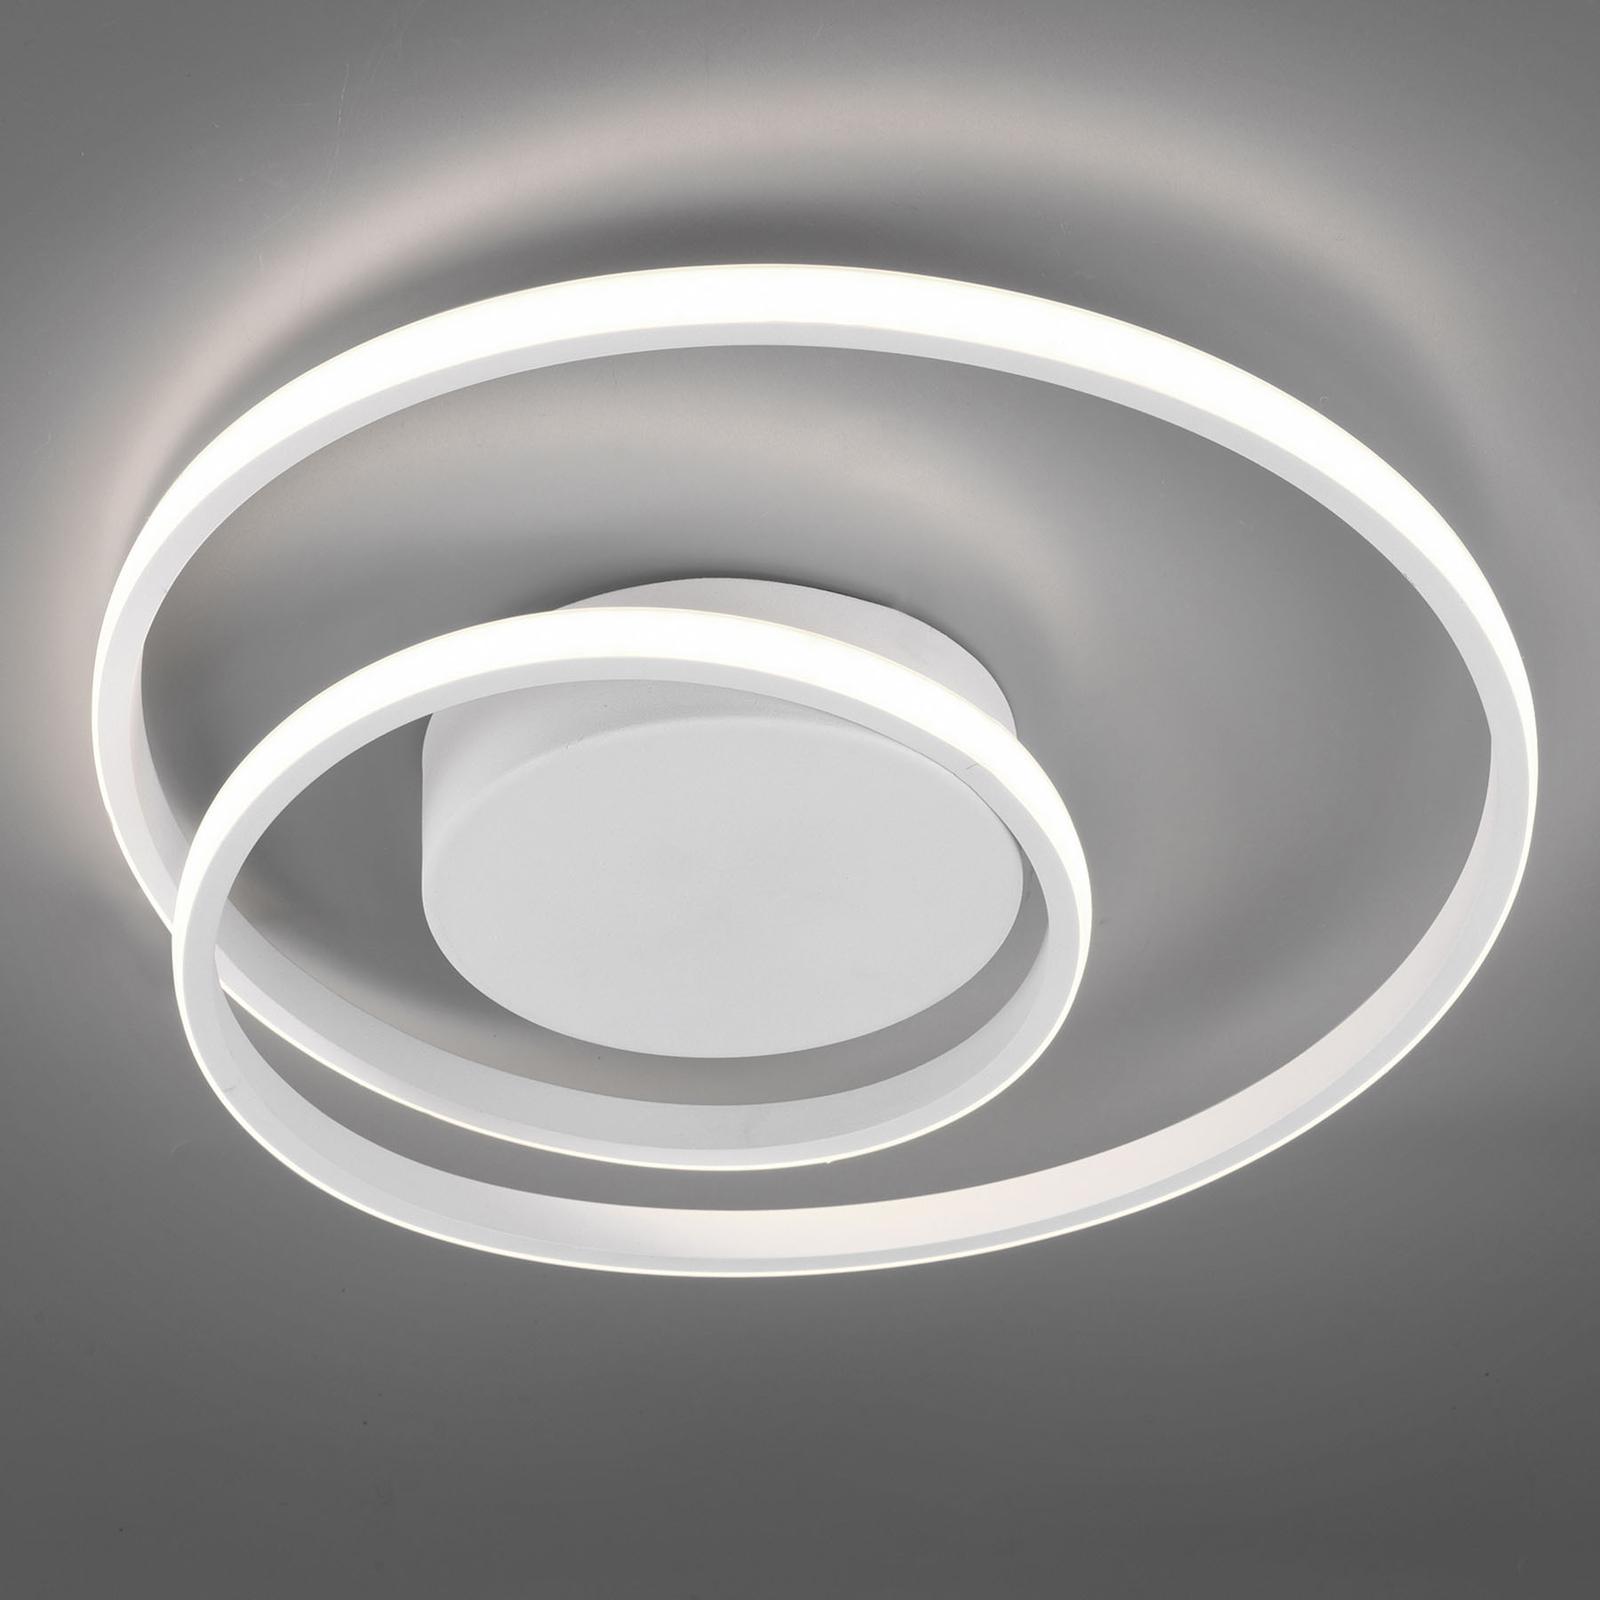 LED-kattovalaisin Zibal, himmennettävä, valkoinen